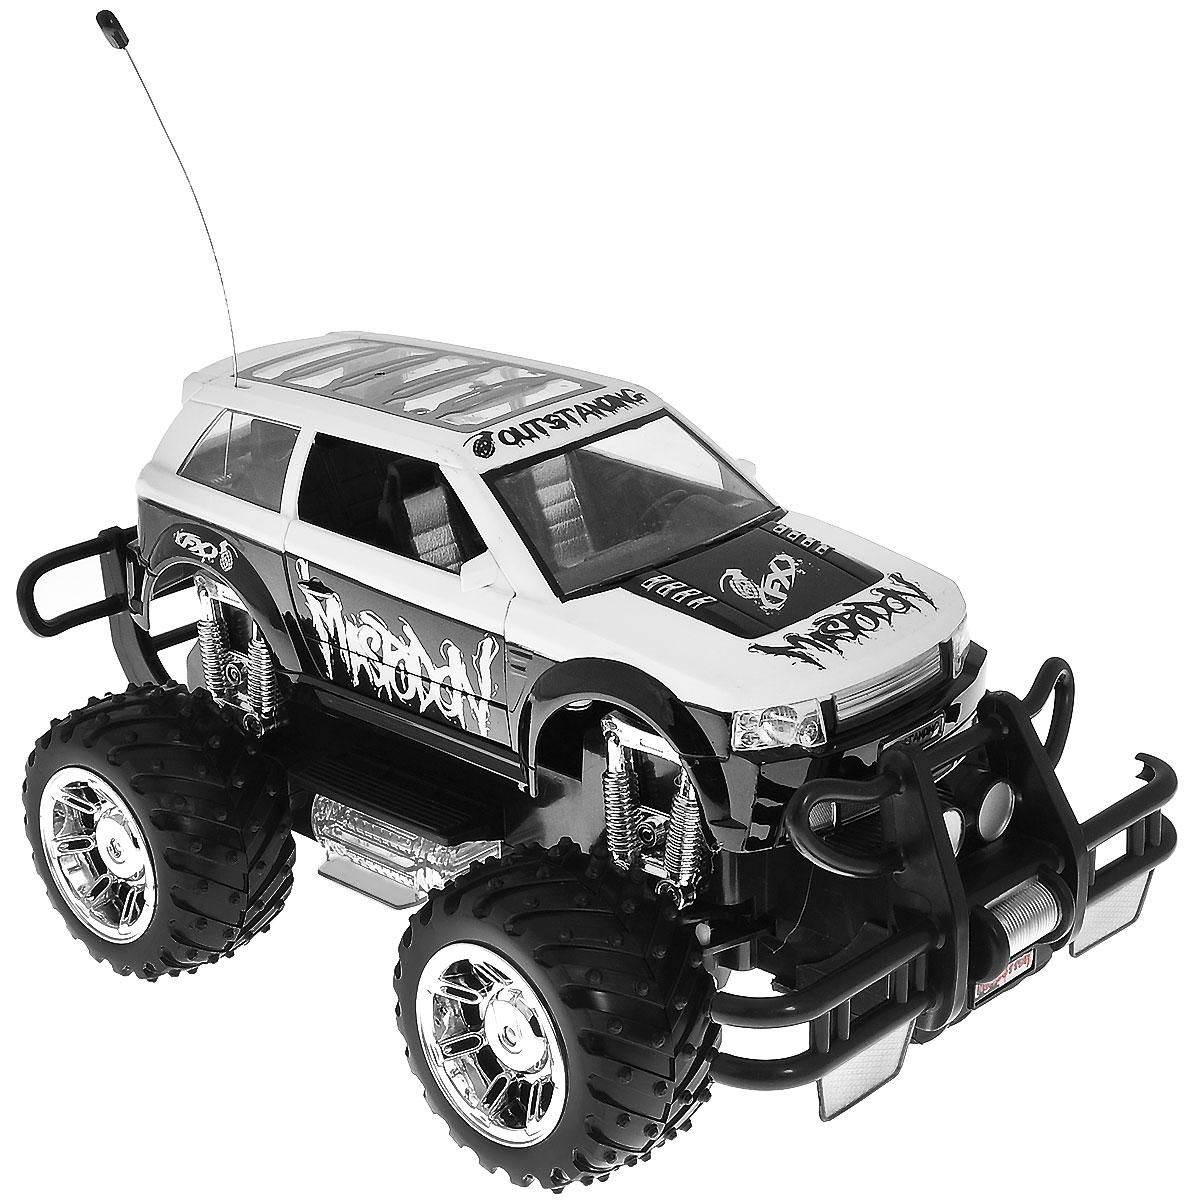 """Машина на радиоуправлении Balbi """"Mastodon станет отличным подарком любому мальчишке! Мощный внедорожник на огромных колесах с настоящими пружинными амортизаторами и внушительным пластиковым бампером не оставит равнодушными ни детей, ни взрослых. Модель выполнена из прочного безопасного пластика в масштабе 1/14 к реальному прототипу. Благодаря выдающимся характеристикам ходовой части играть с машиной можно на улице, при этом она будет легко преодолевать значительные препятствия. Машинка движется вперед, назад, вправо, влево и останавливается. Передние двери открываются, а при движении фары машины светятся, и воспроизводится звук мотора. Пульт управления работает на частоте 27 MHz. Машина работает от сменного аккумулятора (входит в комплект). Для работы пульта управления необходимо докупить 2 батарейки напряжением 1,5V типа АА (не входят в комплект)."""